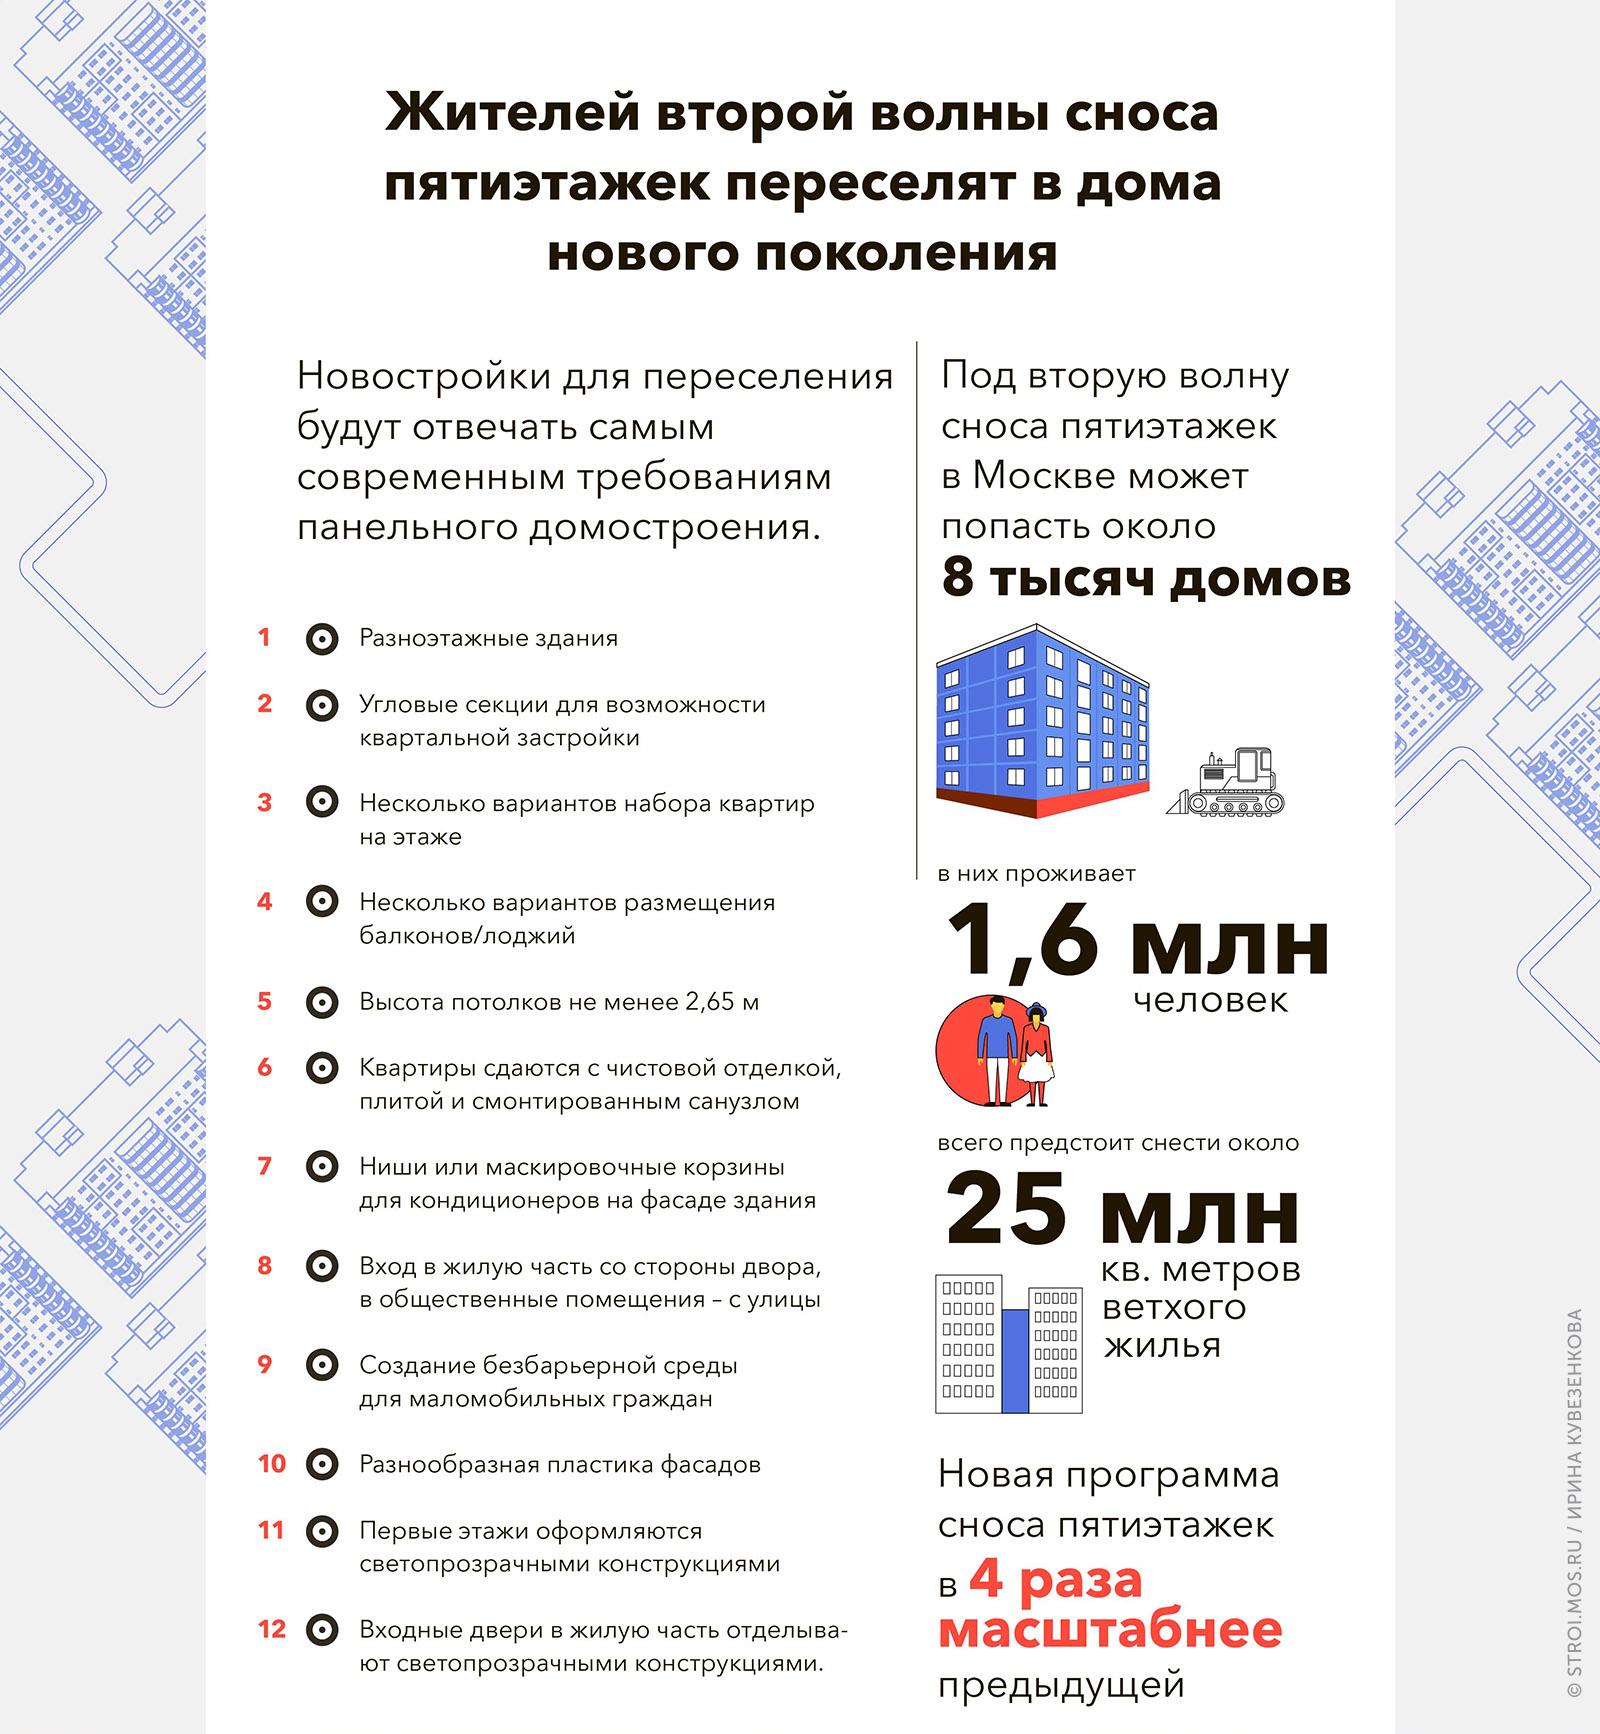 """Инфографик """"Снос пятиэтажек Москвы в 2017 году"""""""